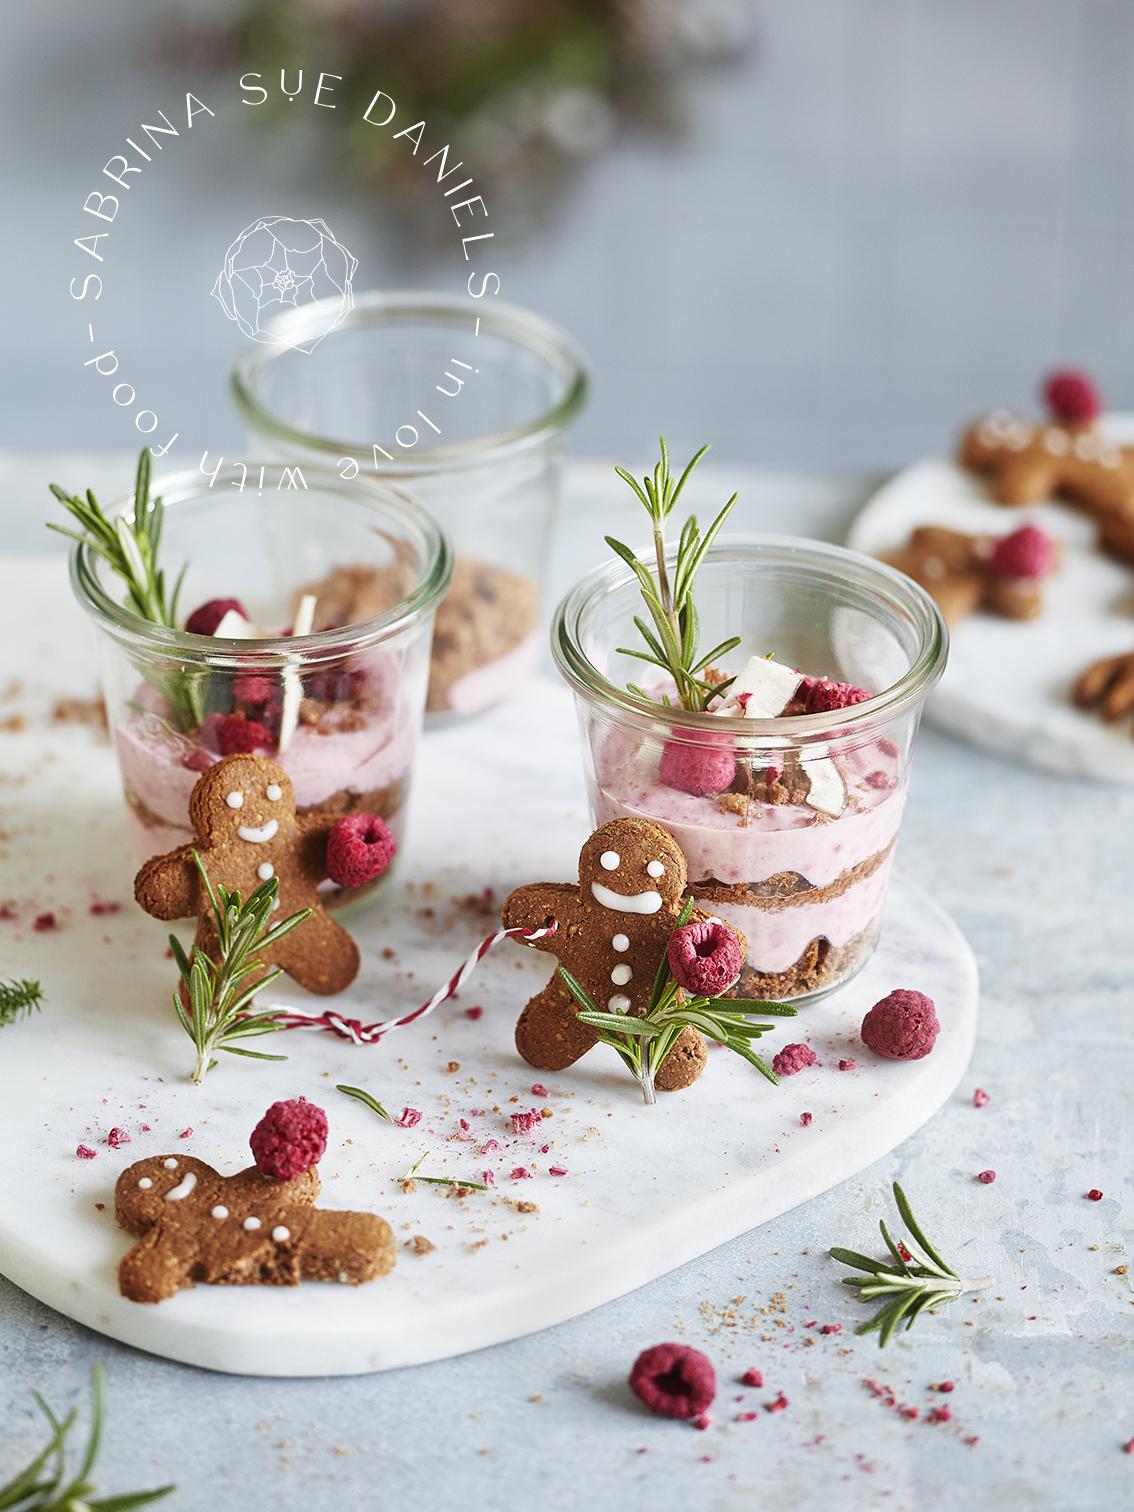 Weihnachtsdessert im Glas